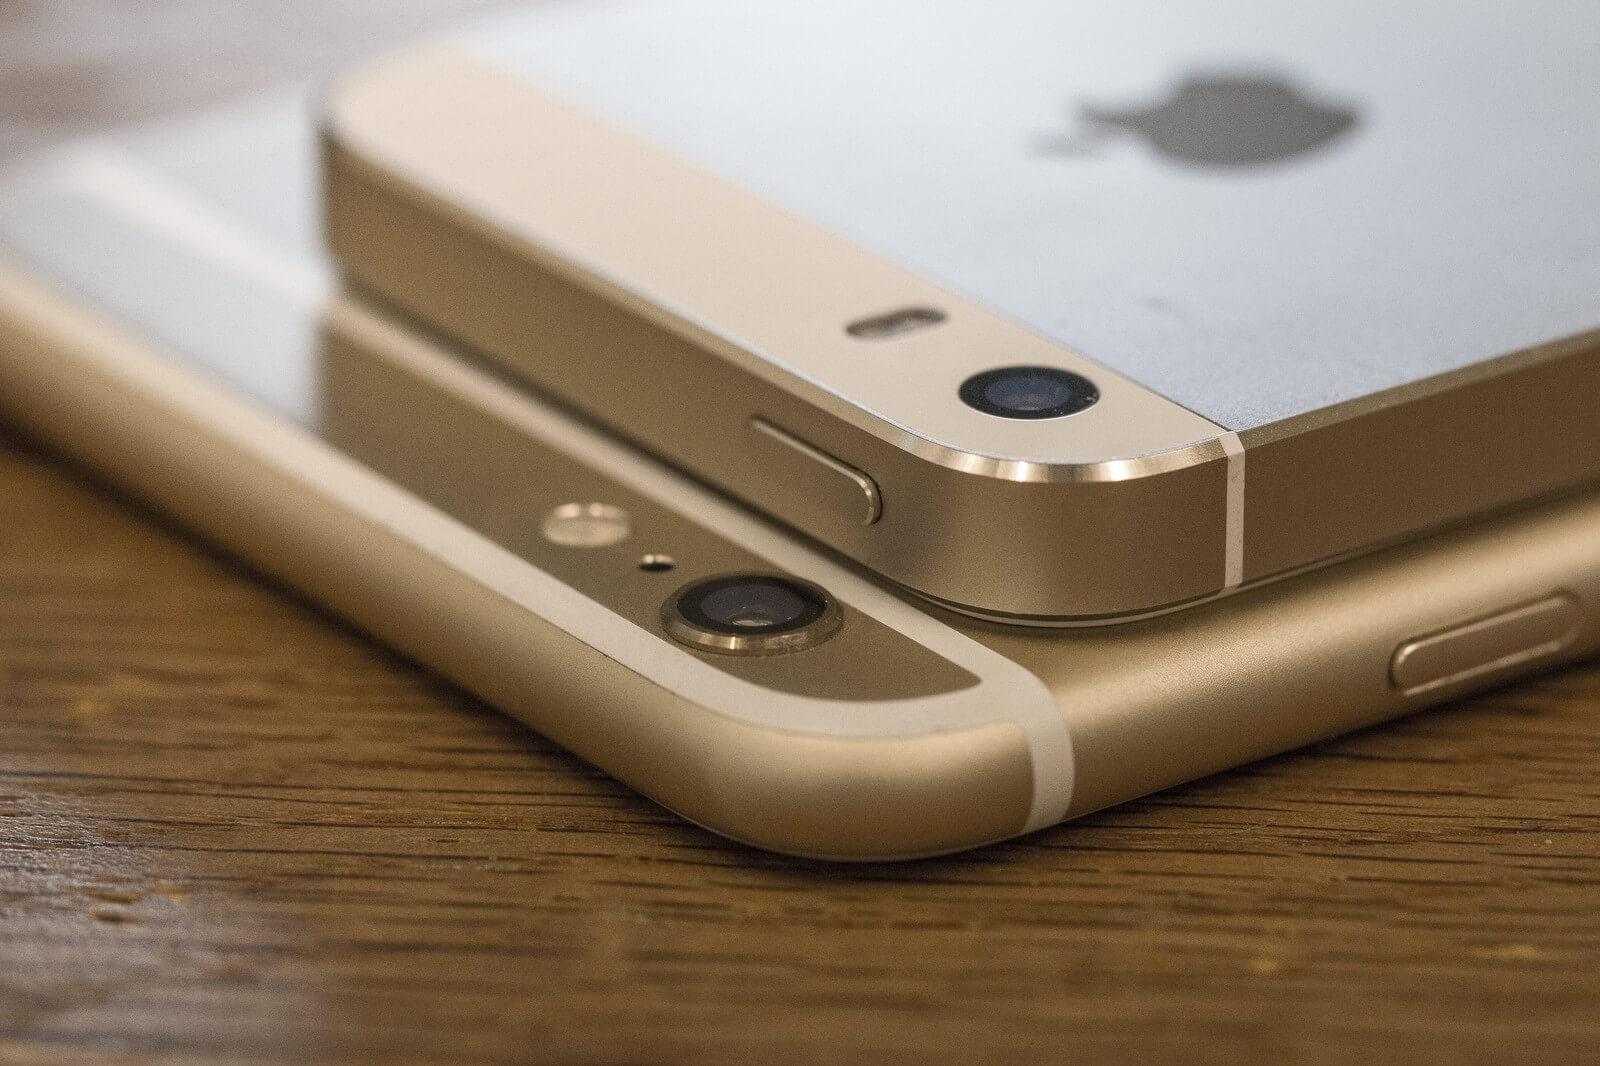 格安スマホ「エックスモバイル」のiPhone7とiPhone7Plus